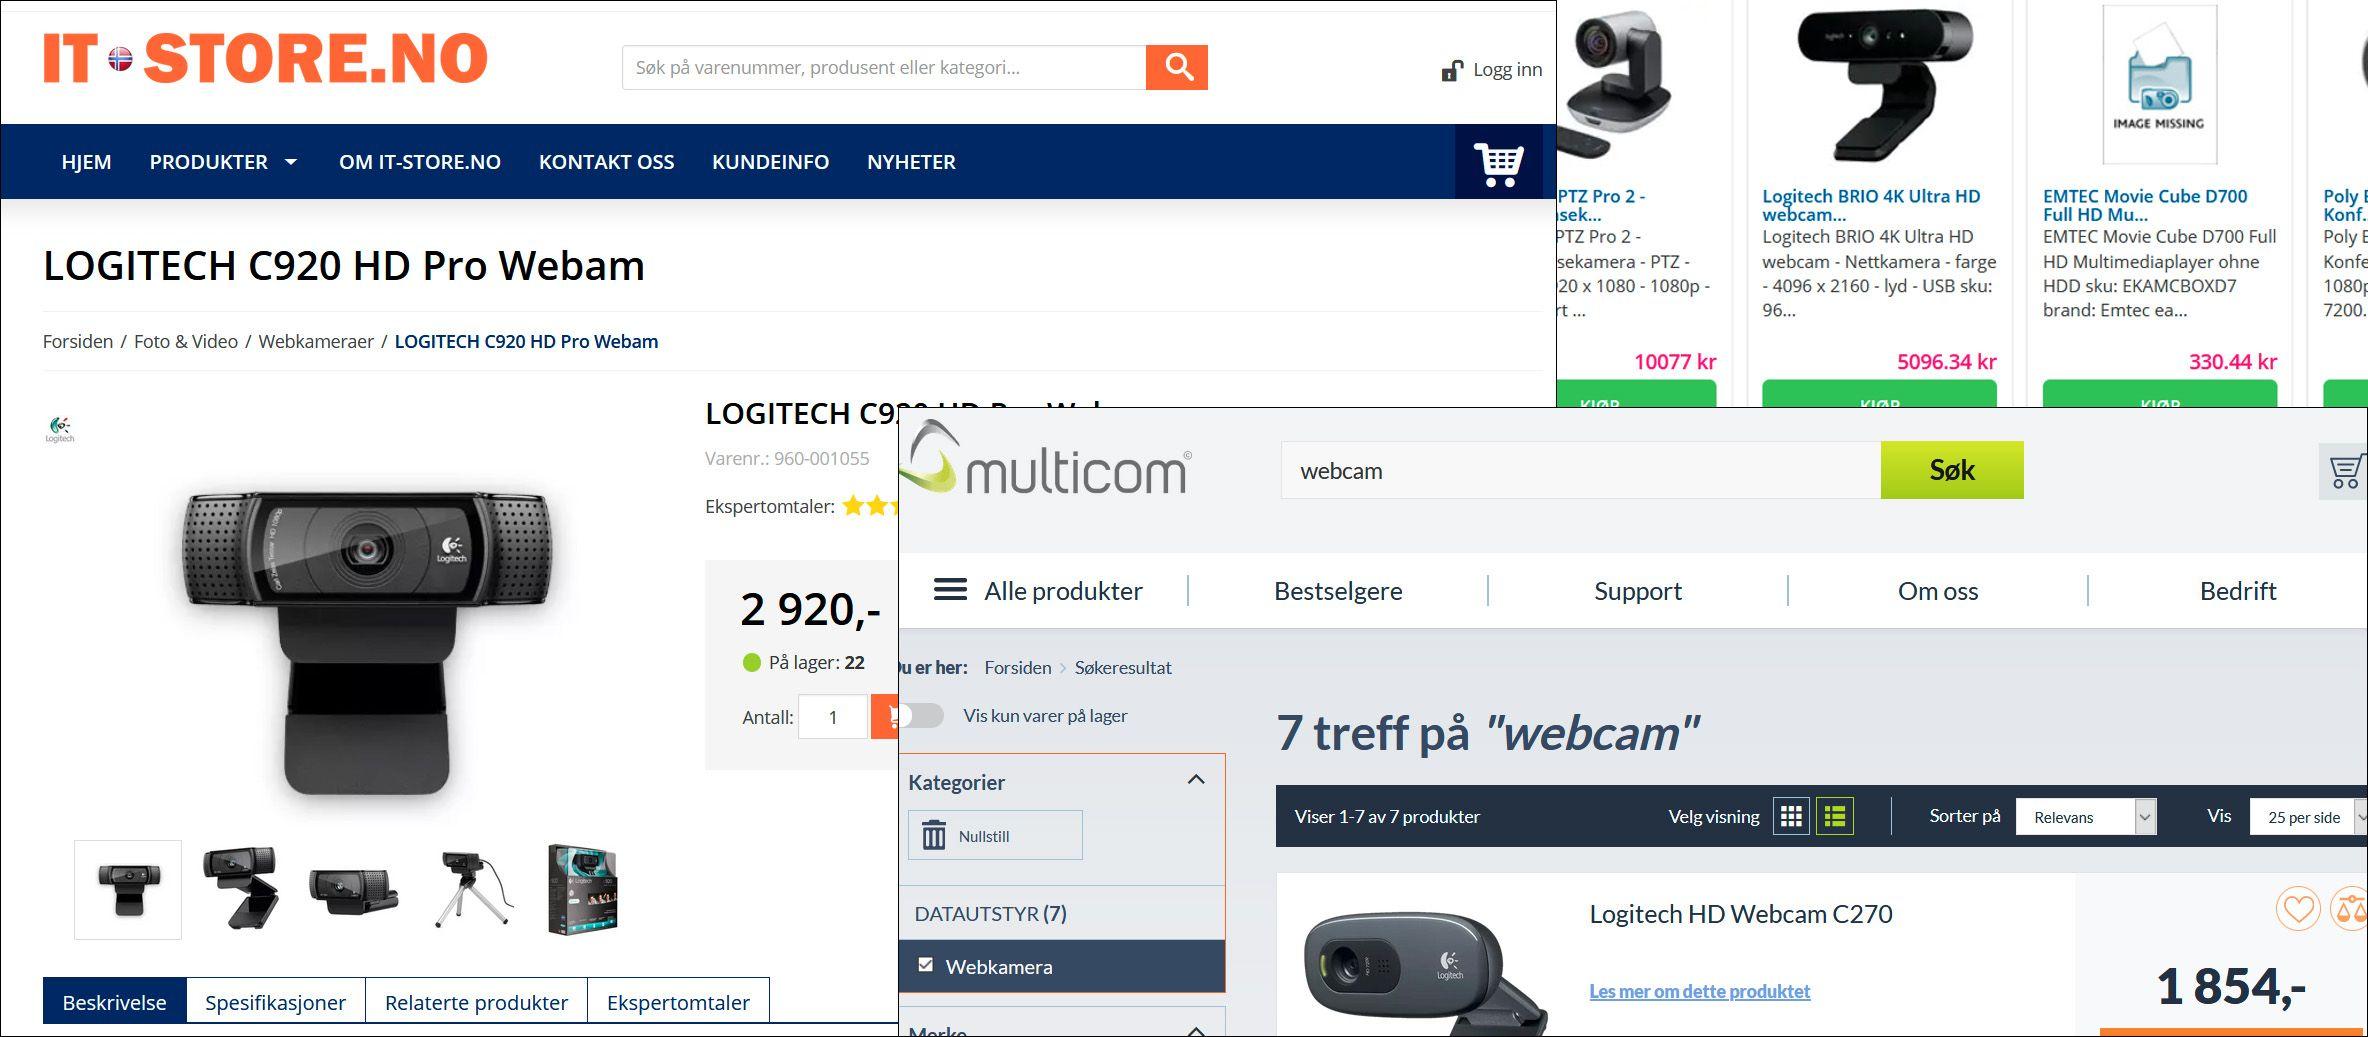 Slike ekstreme prisutslag har webkamera hos enkelte av de norske forhandlerne for tiden. Logitech sier at de ekstreme prisøkningene ikke kommer fra dem.